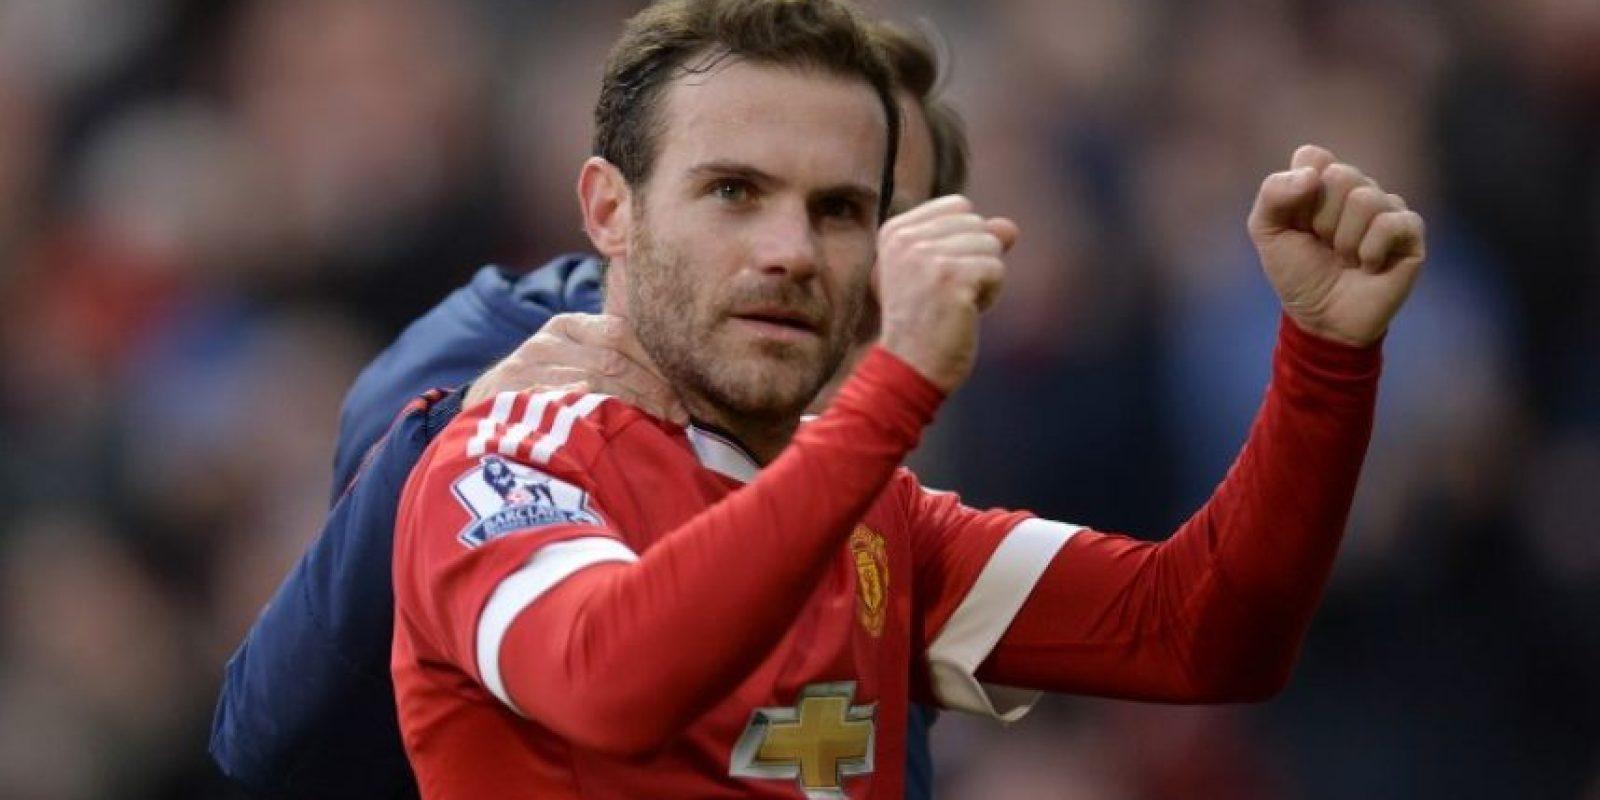 El jugador español del Manchester United, Juan Mata, celebra en un partido de la Premier League. Foto:AFP